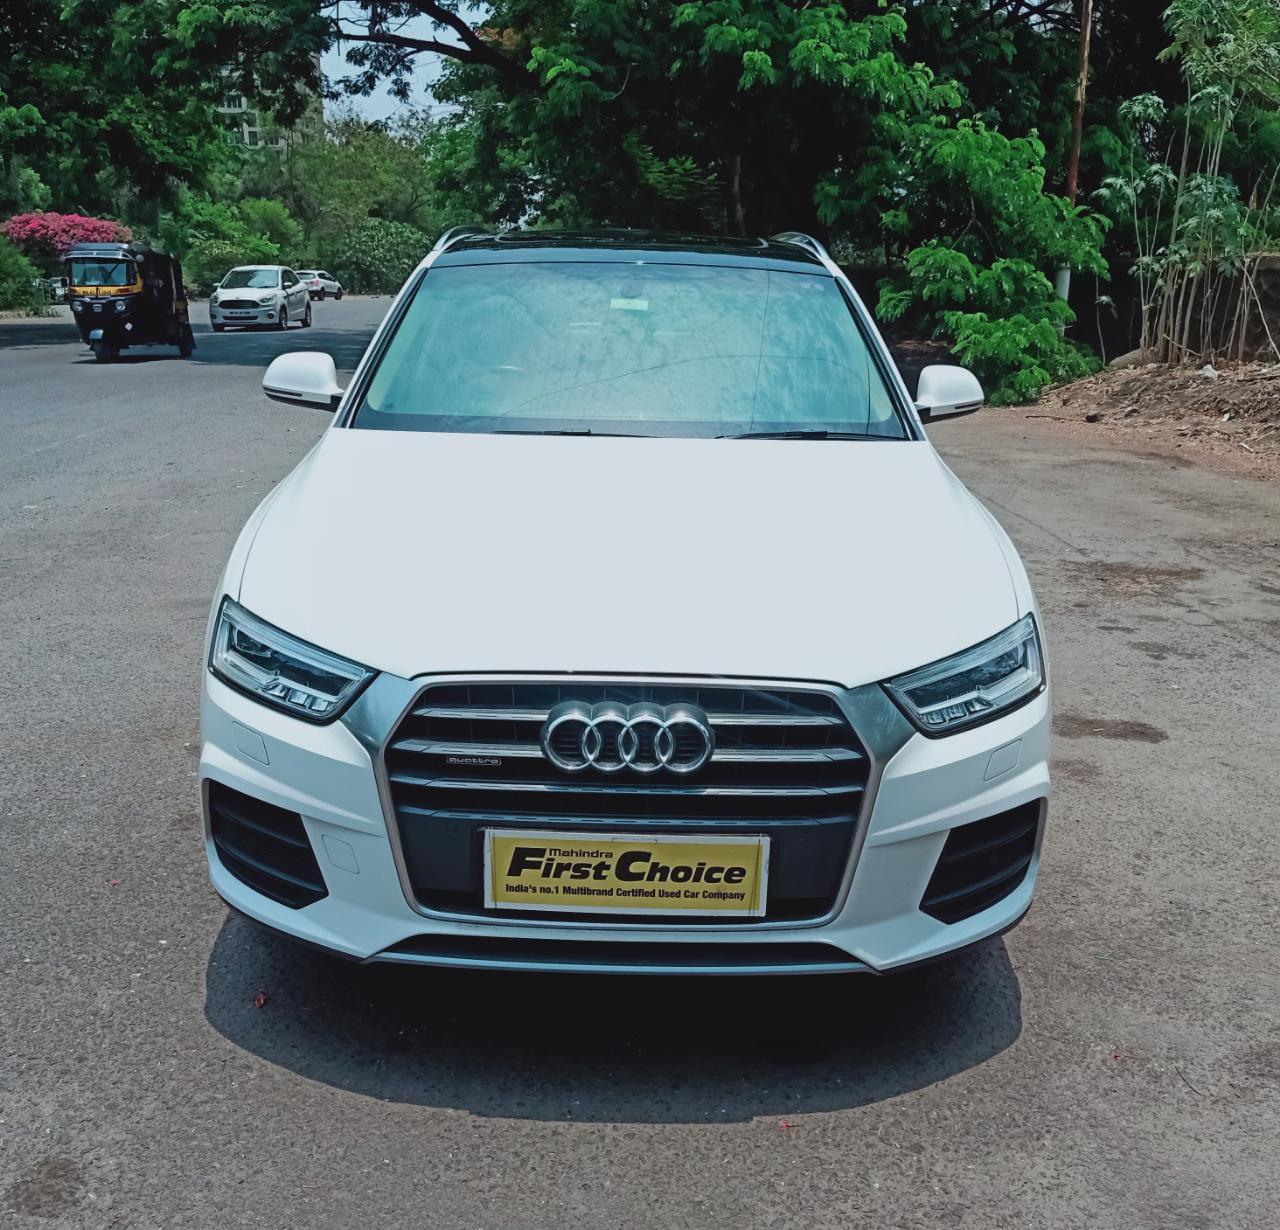 2016 Used Audi Q3 2.0 TDI QUATTRO